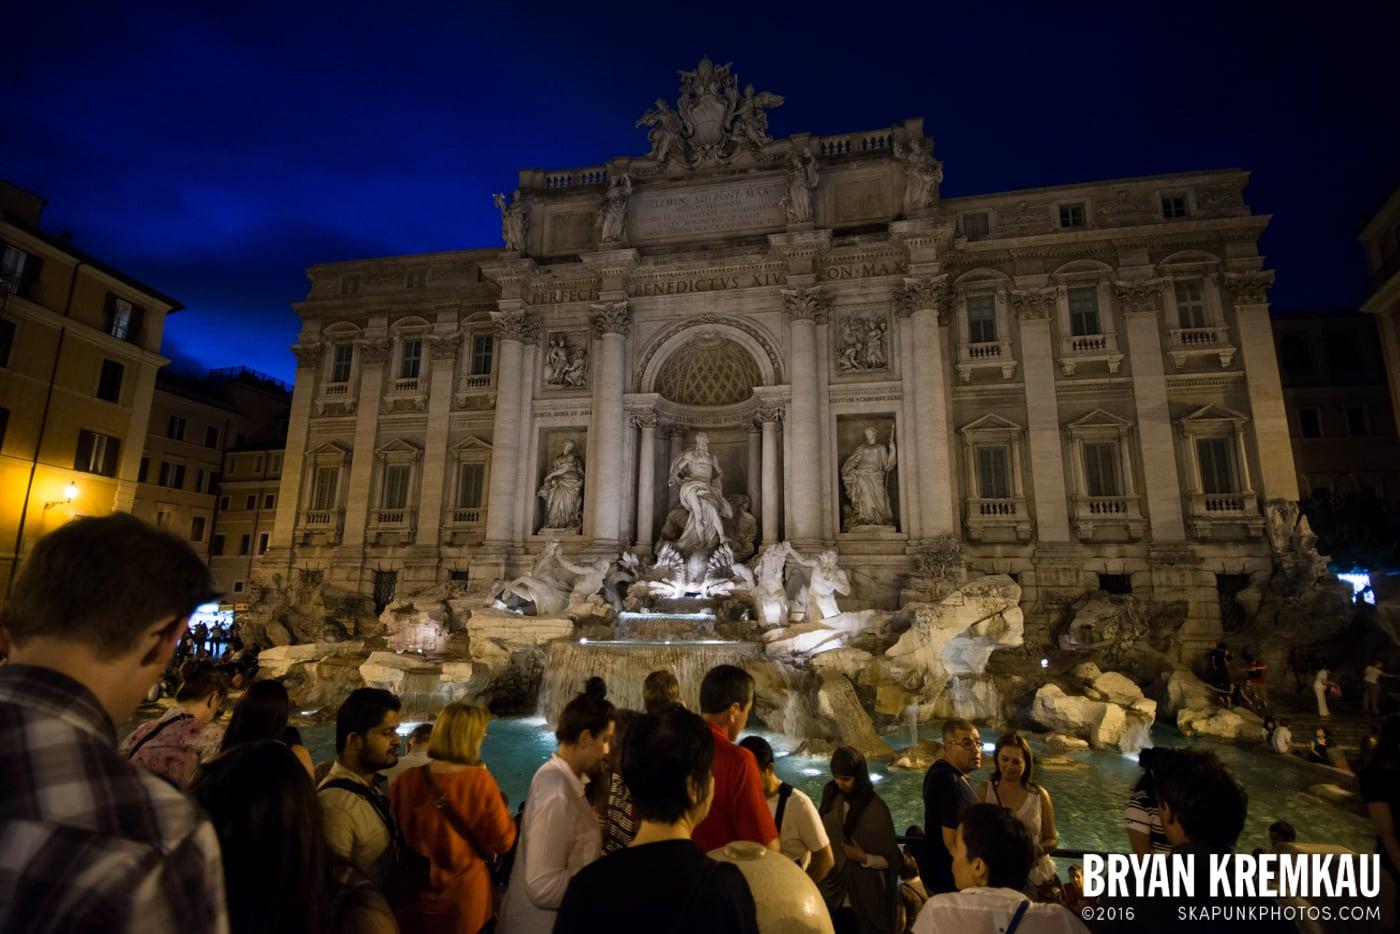 Italy Vacation - Day 1: Rome - 9.9.13 (24)